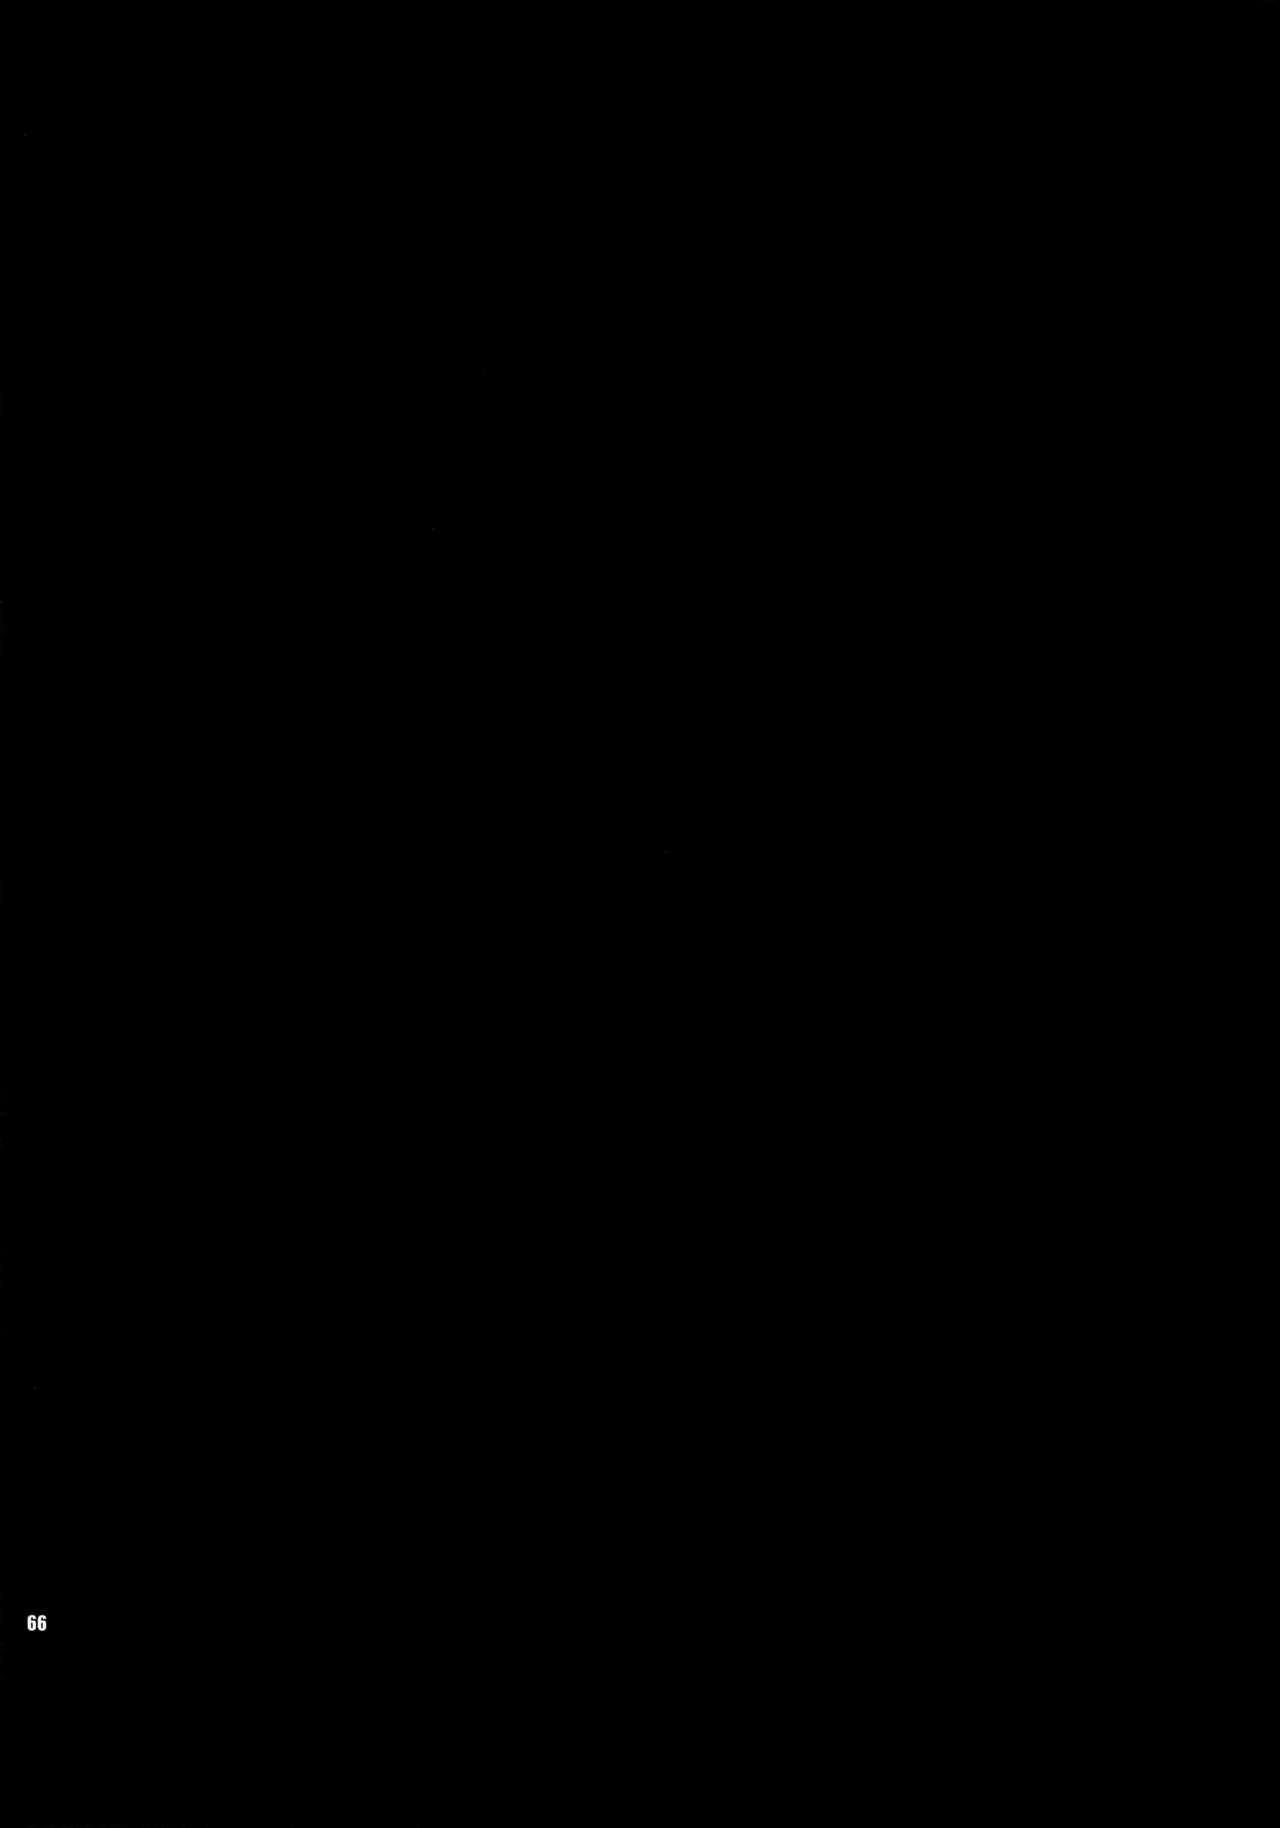 Sairoku 64